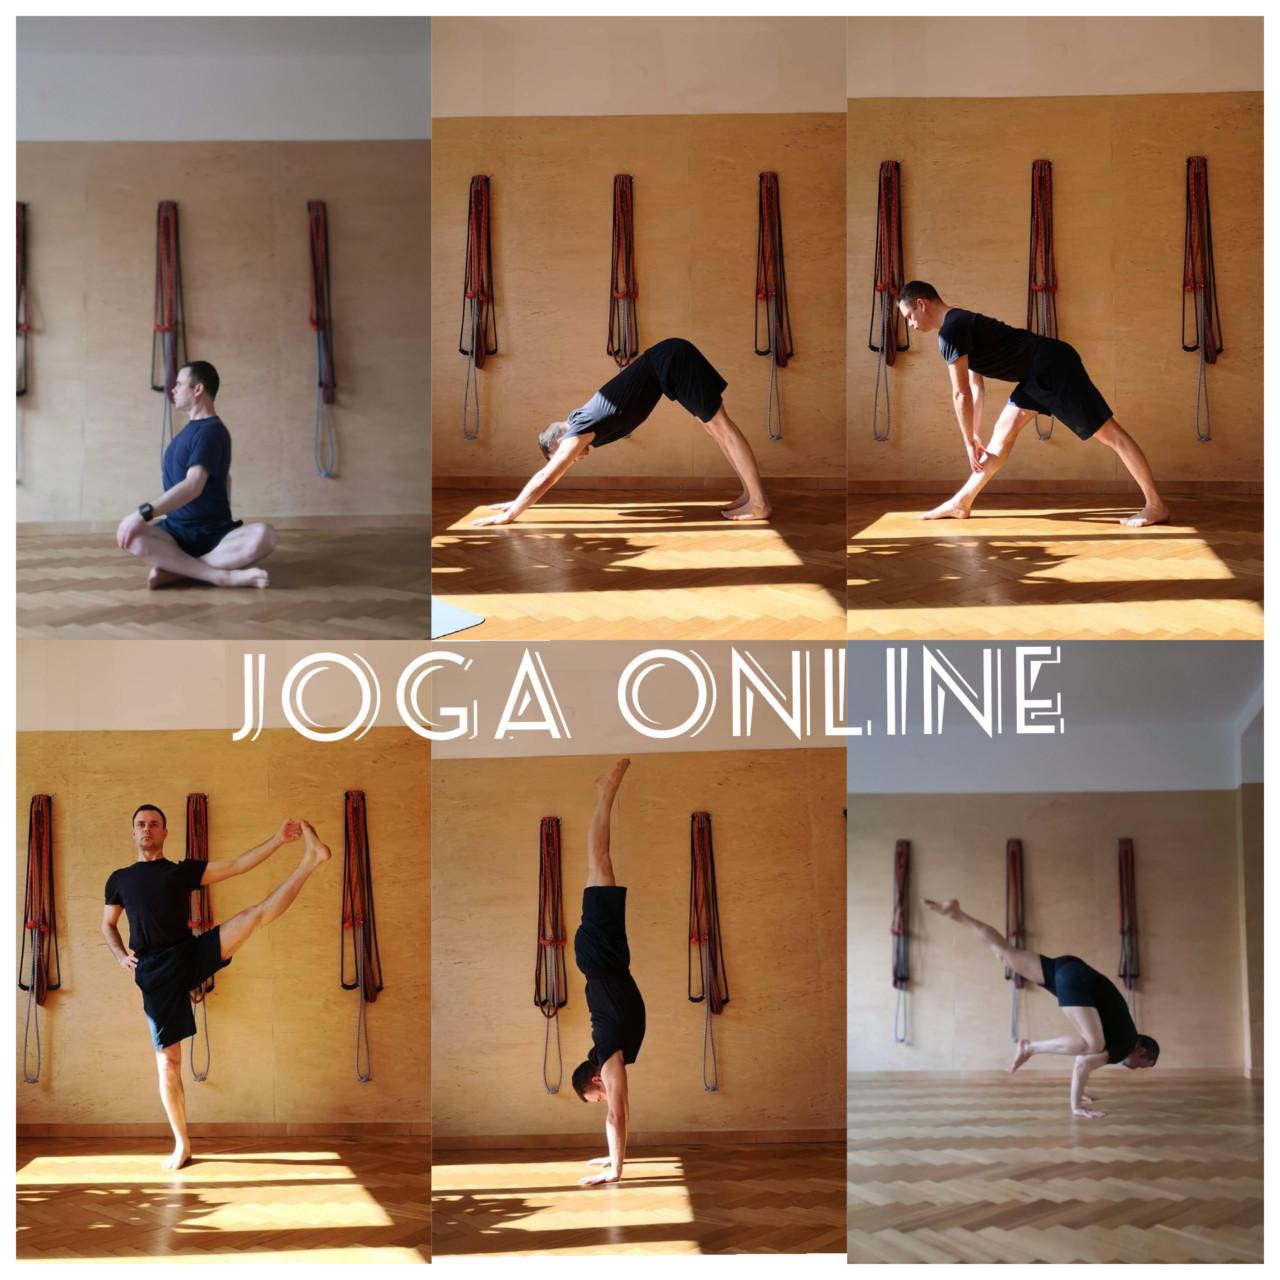 Joga online